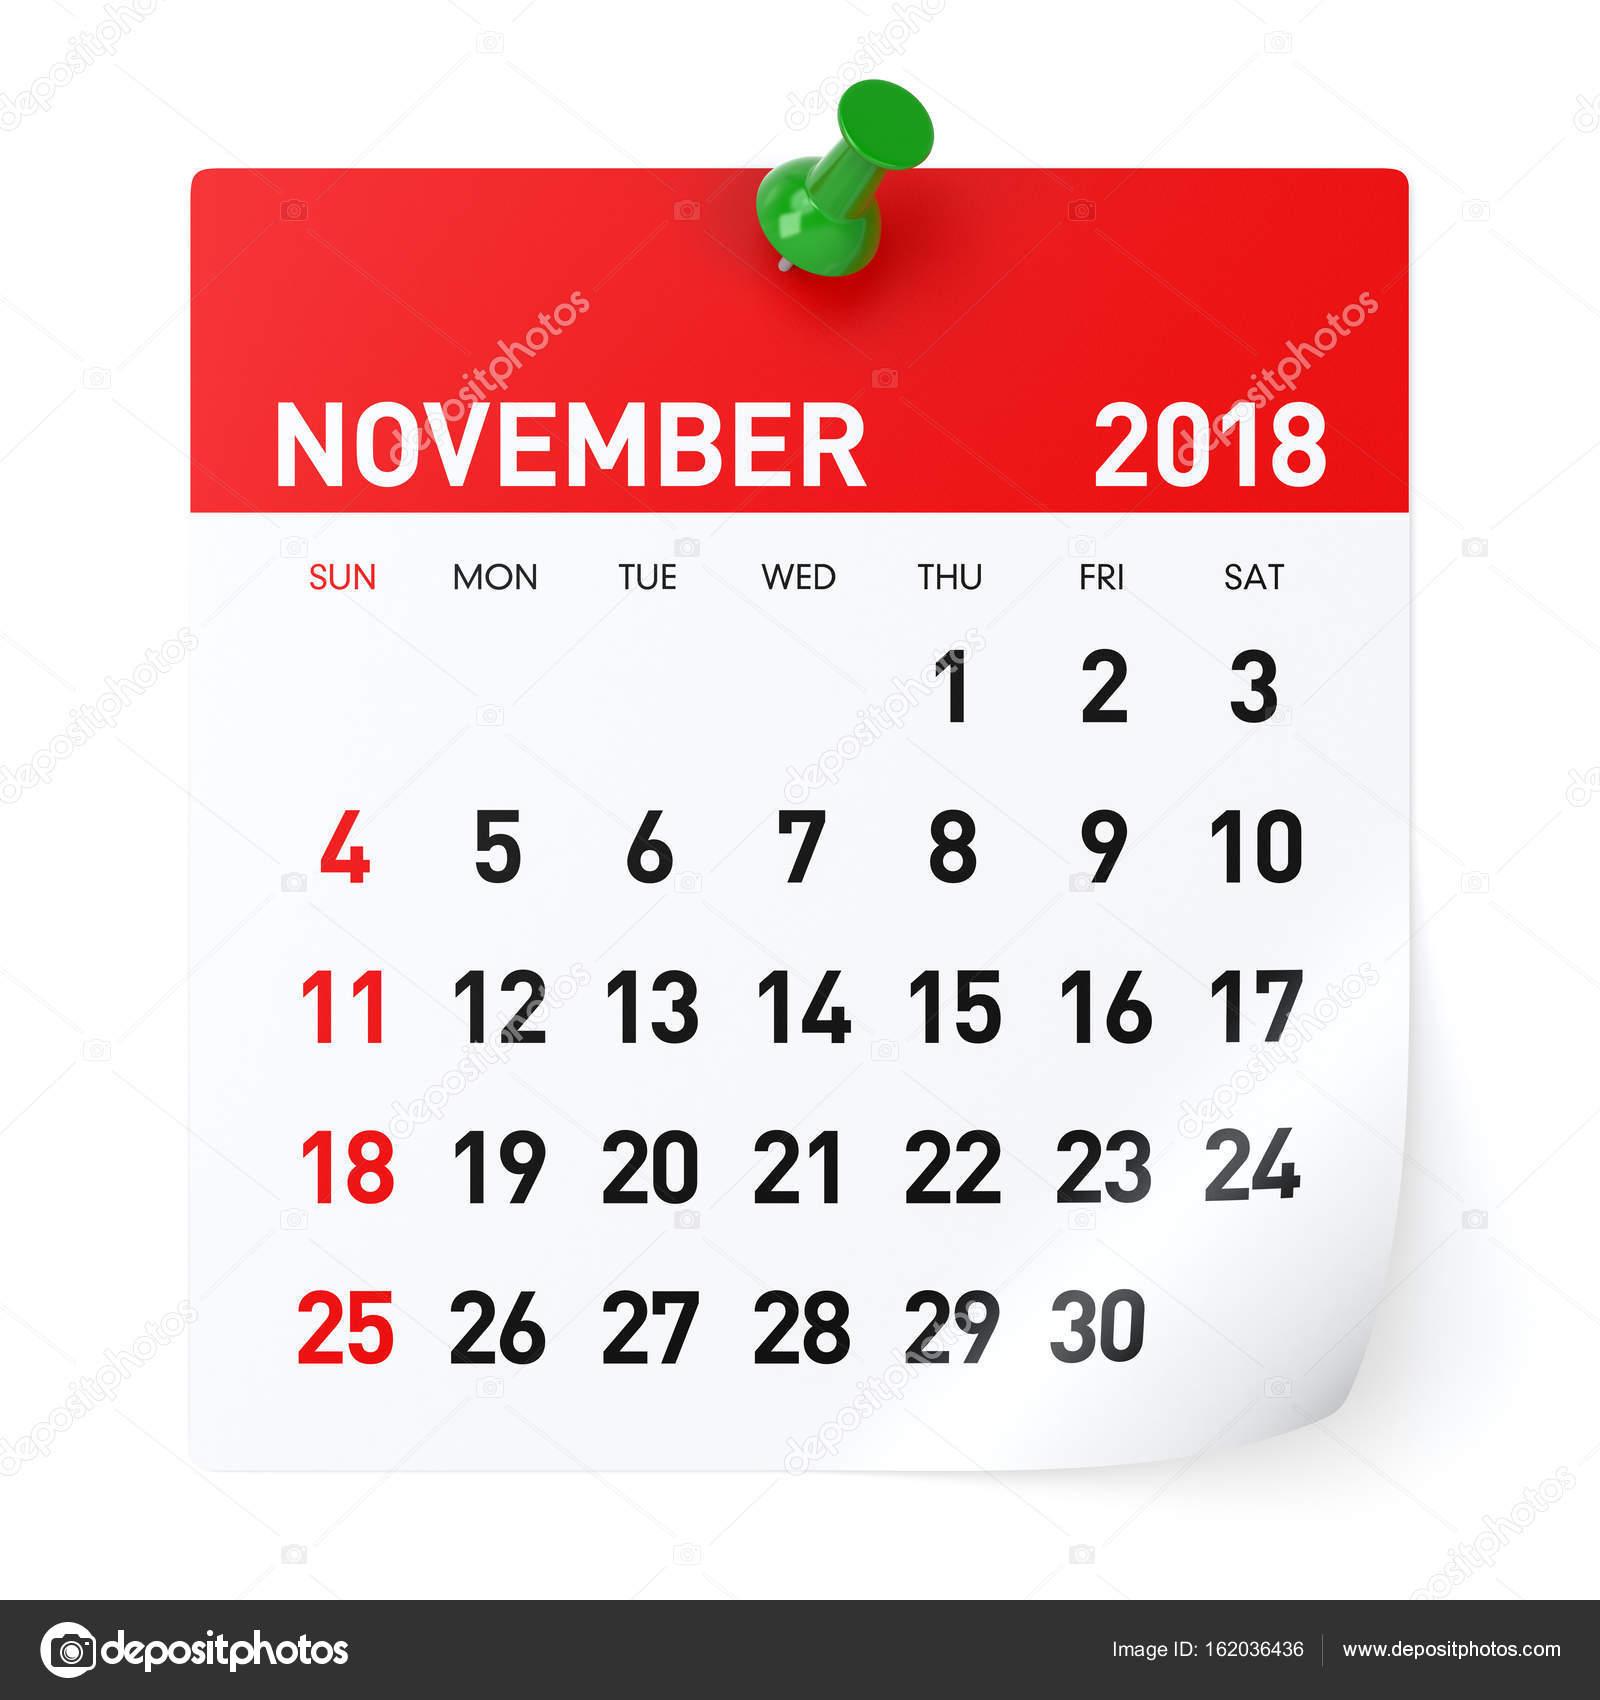 november 2018 calendar stock photo  u00a9 klenger 162036436 calendar icon vector png google calendar icon vector